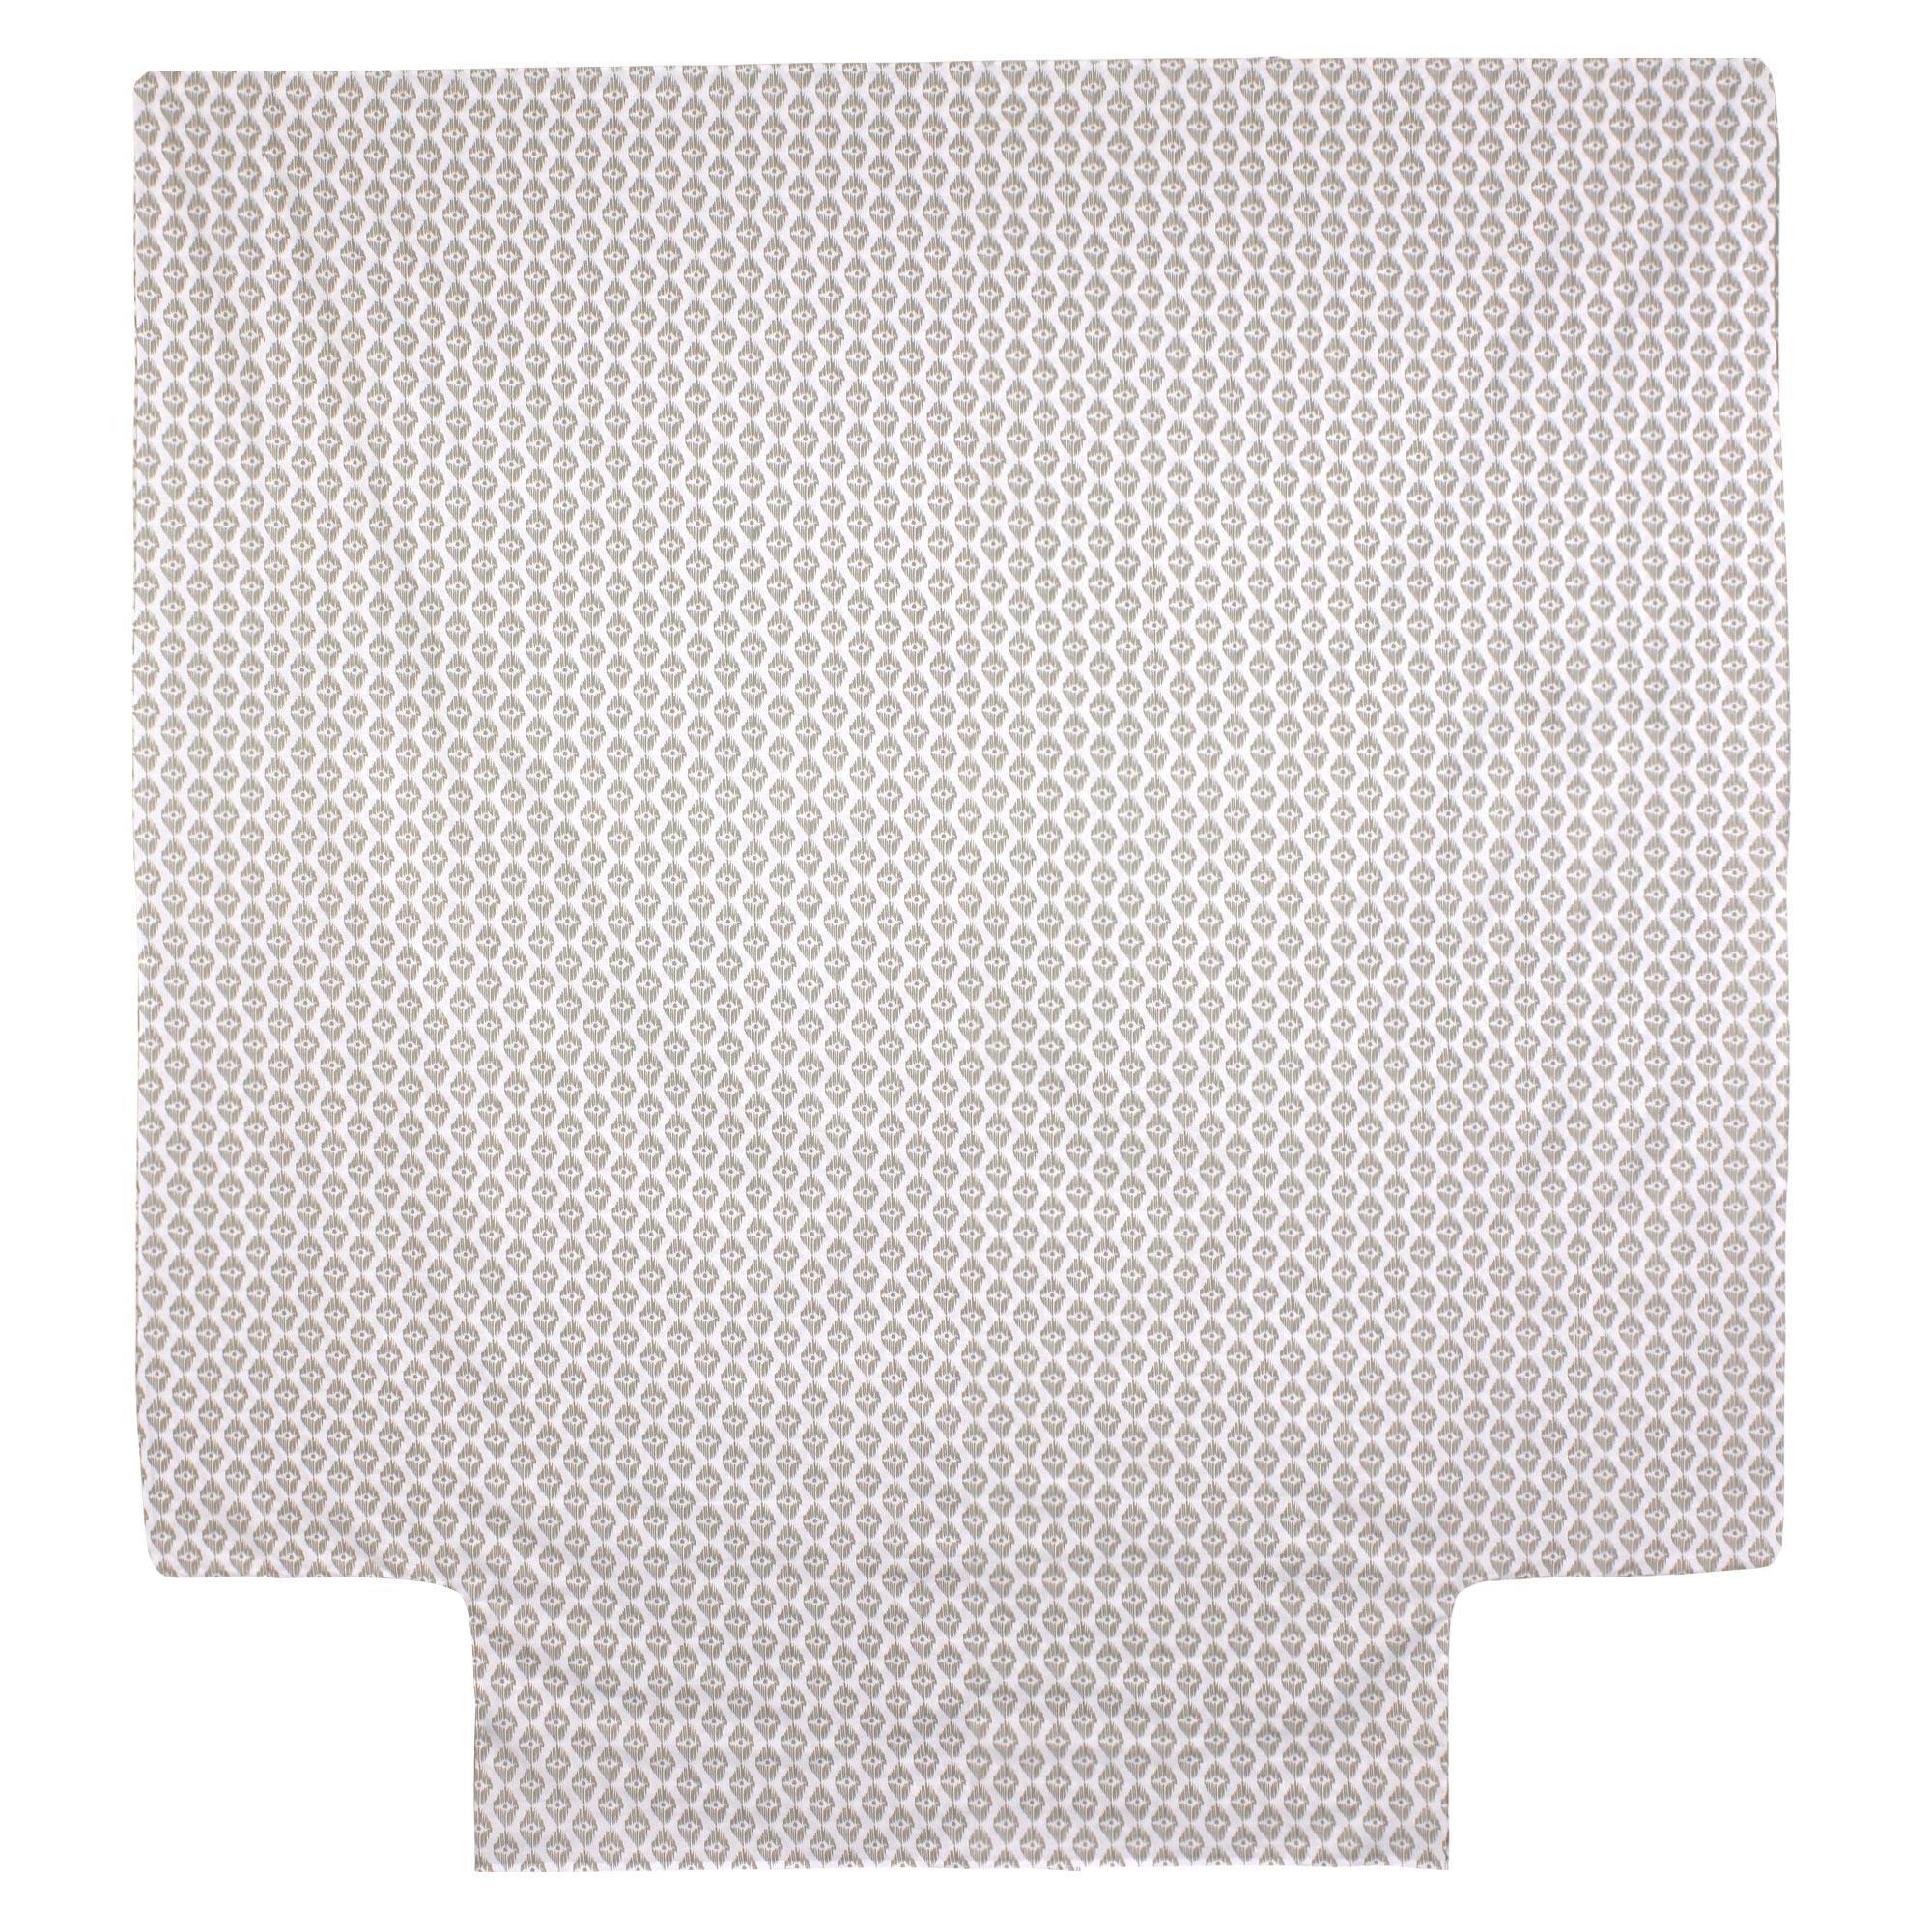 housse de couette 300x240 cm 100 coton acapulco linnea vente de linge de maison. Black Bedroom Furniture Sets. Home Design Ideas